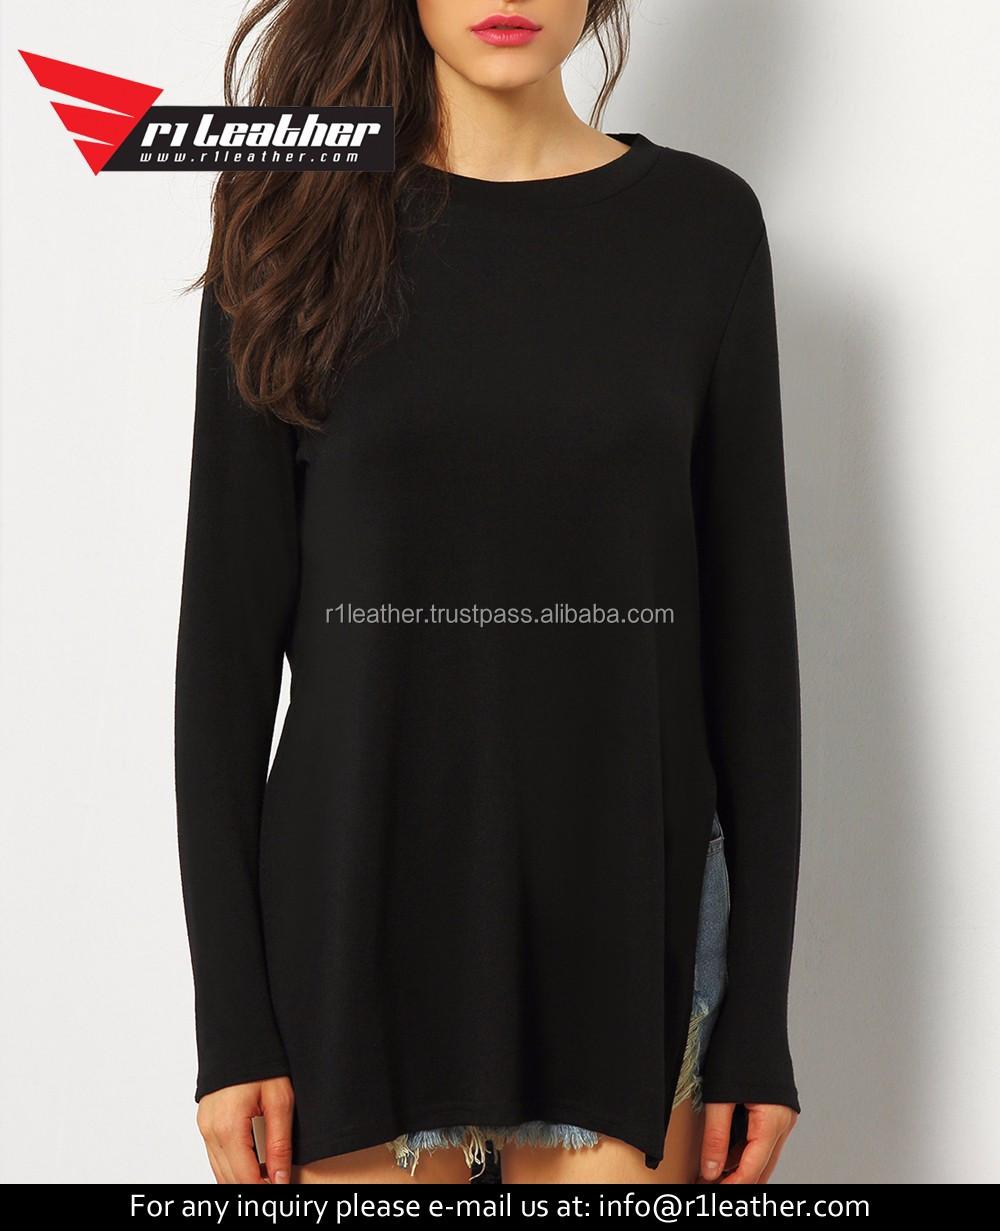 Black t shirt bulk - Bulk Long Sleeve T Shirts Bulk Long Sleeve T Shirts Suppliers And Manufacturers At Alibaba Com